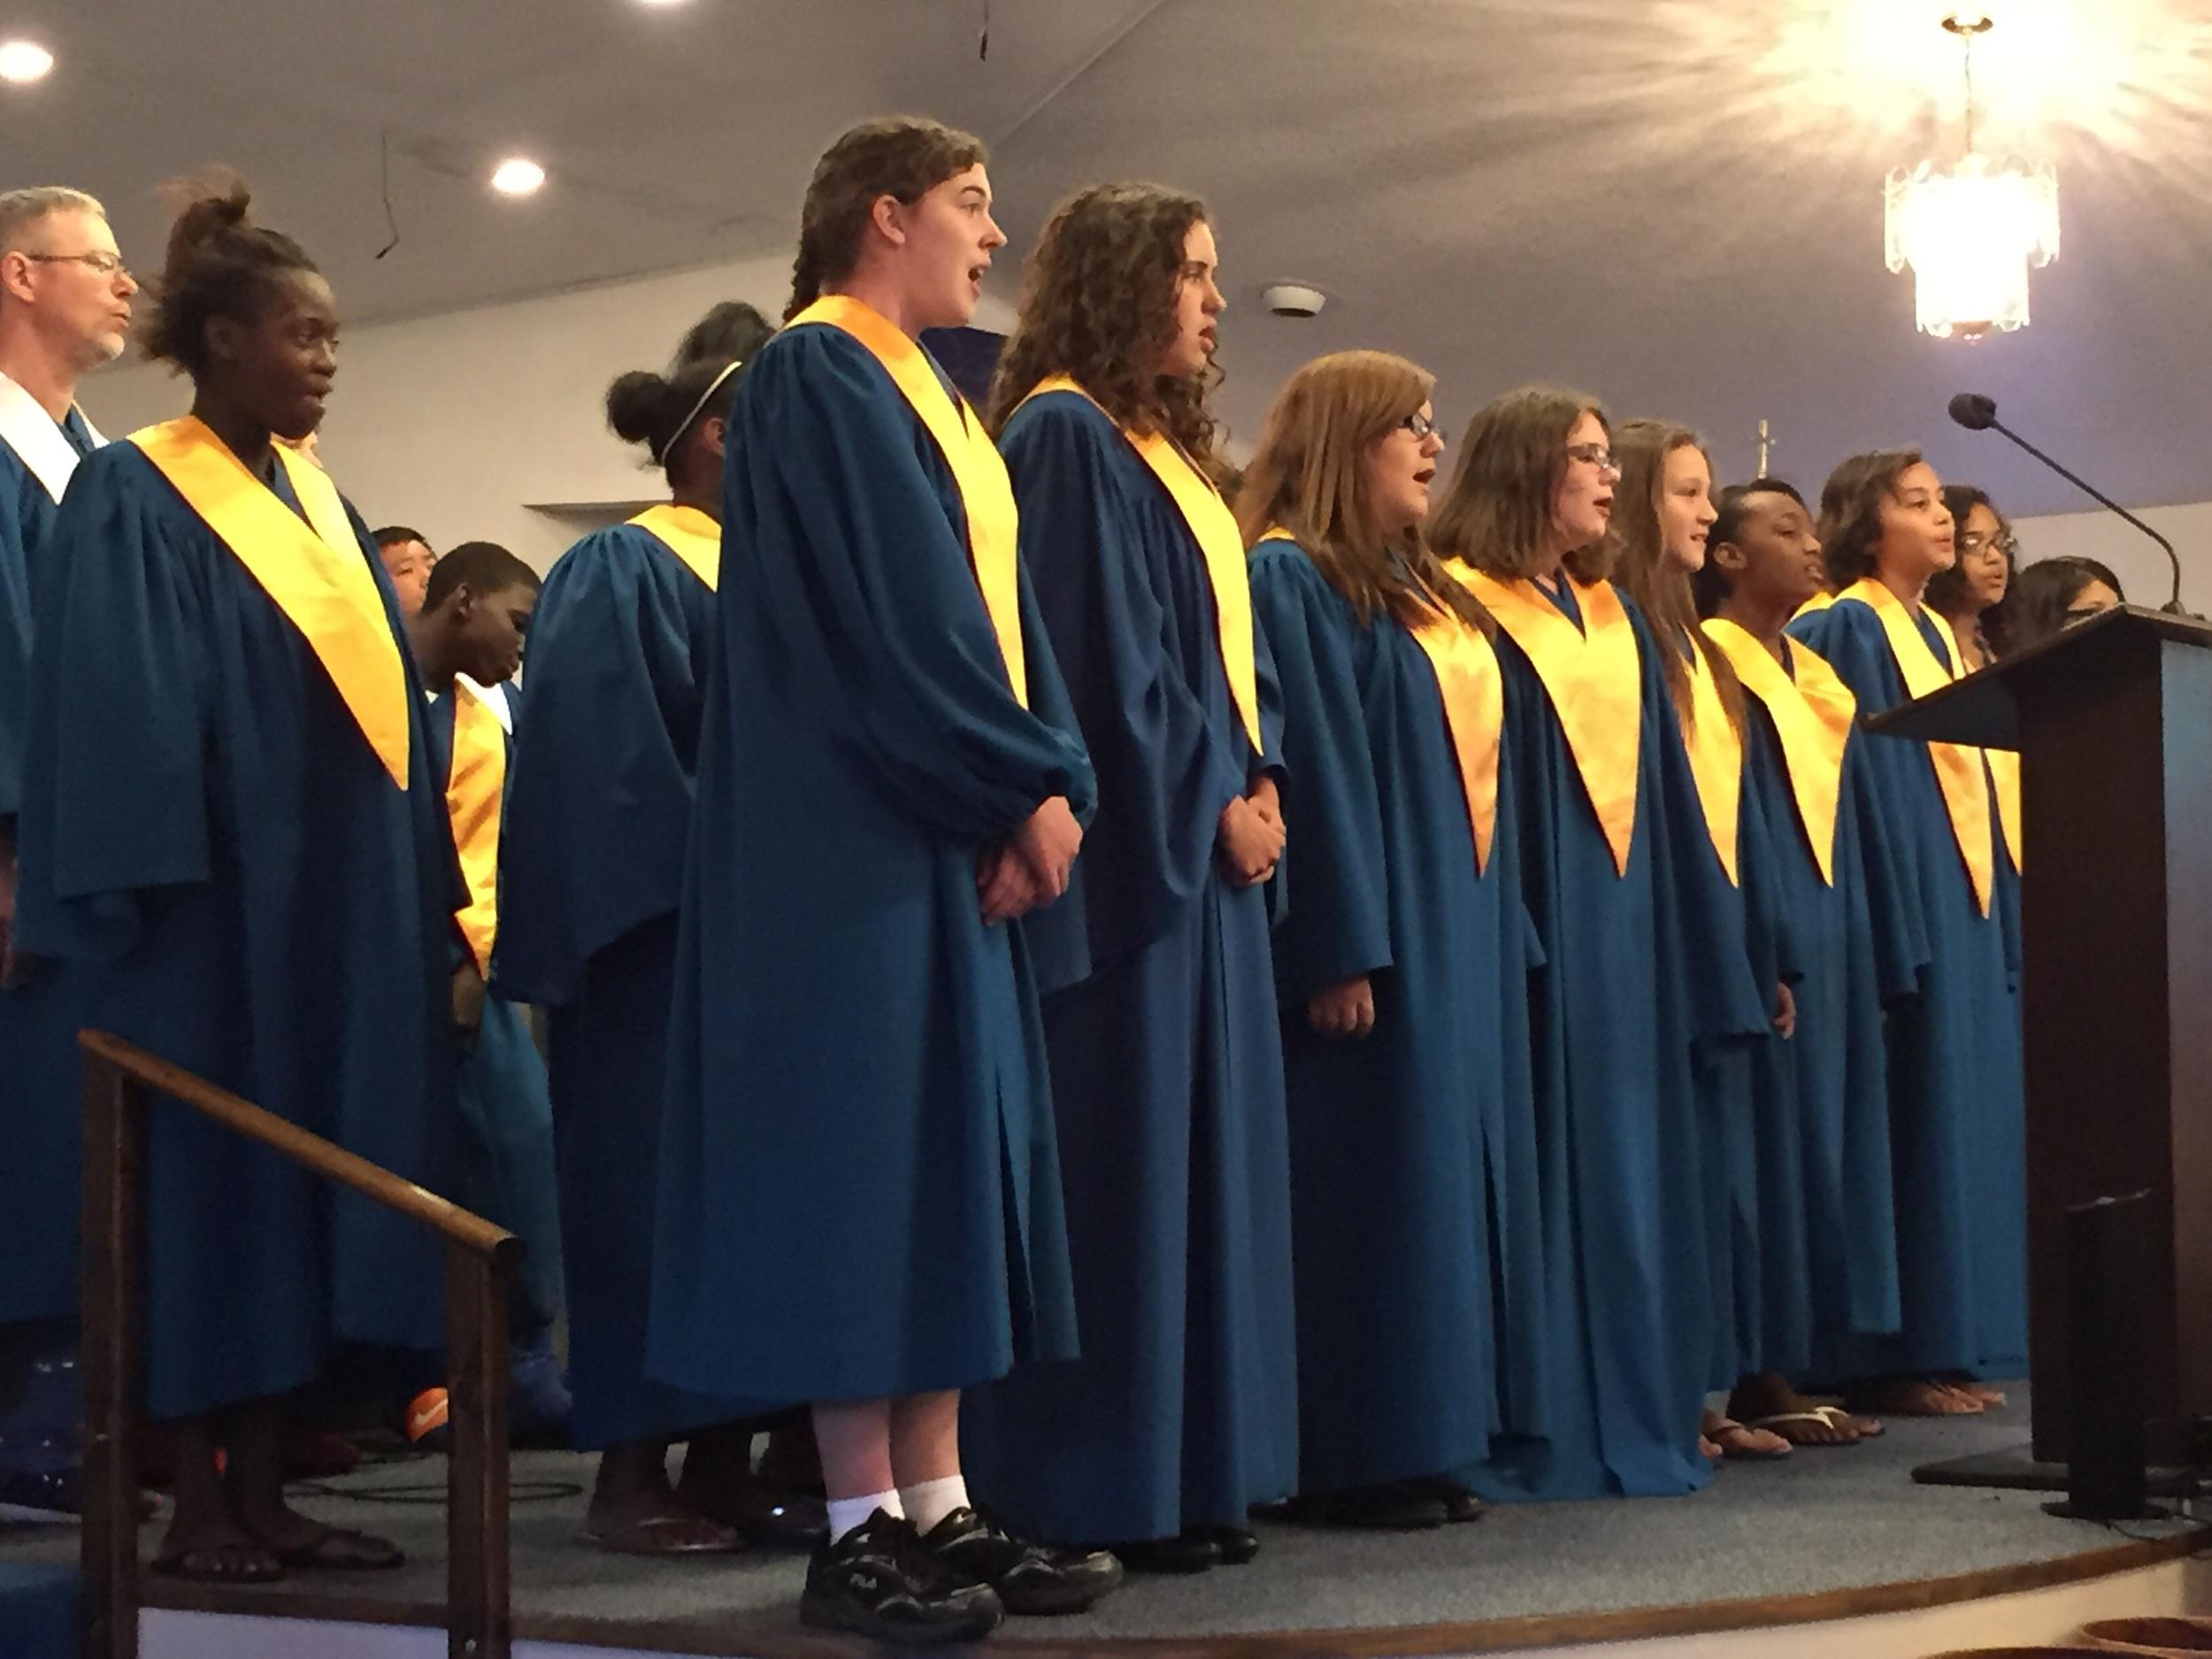 Teen choir!